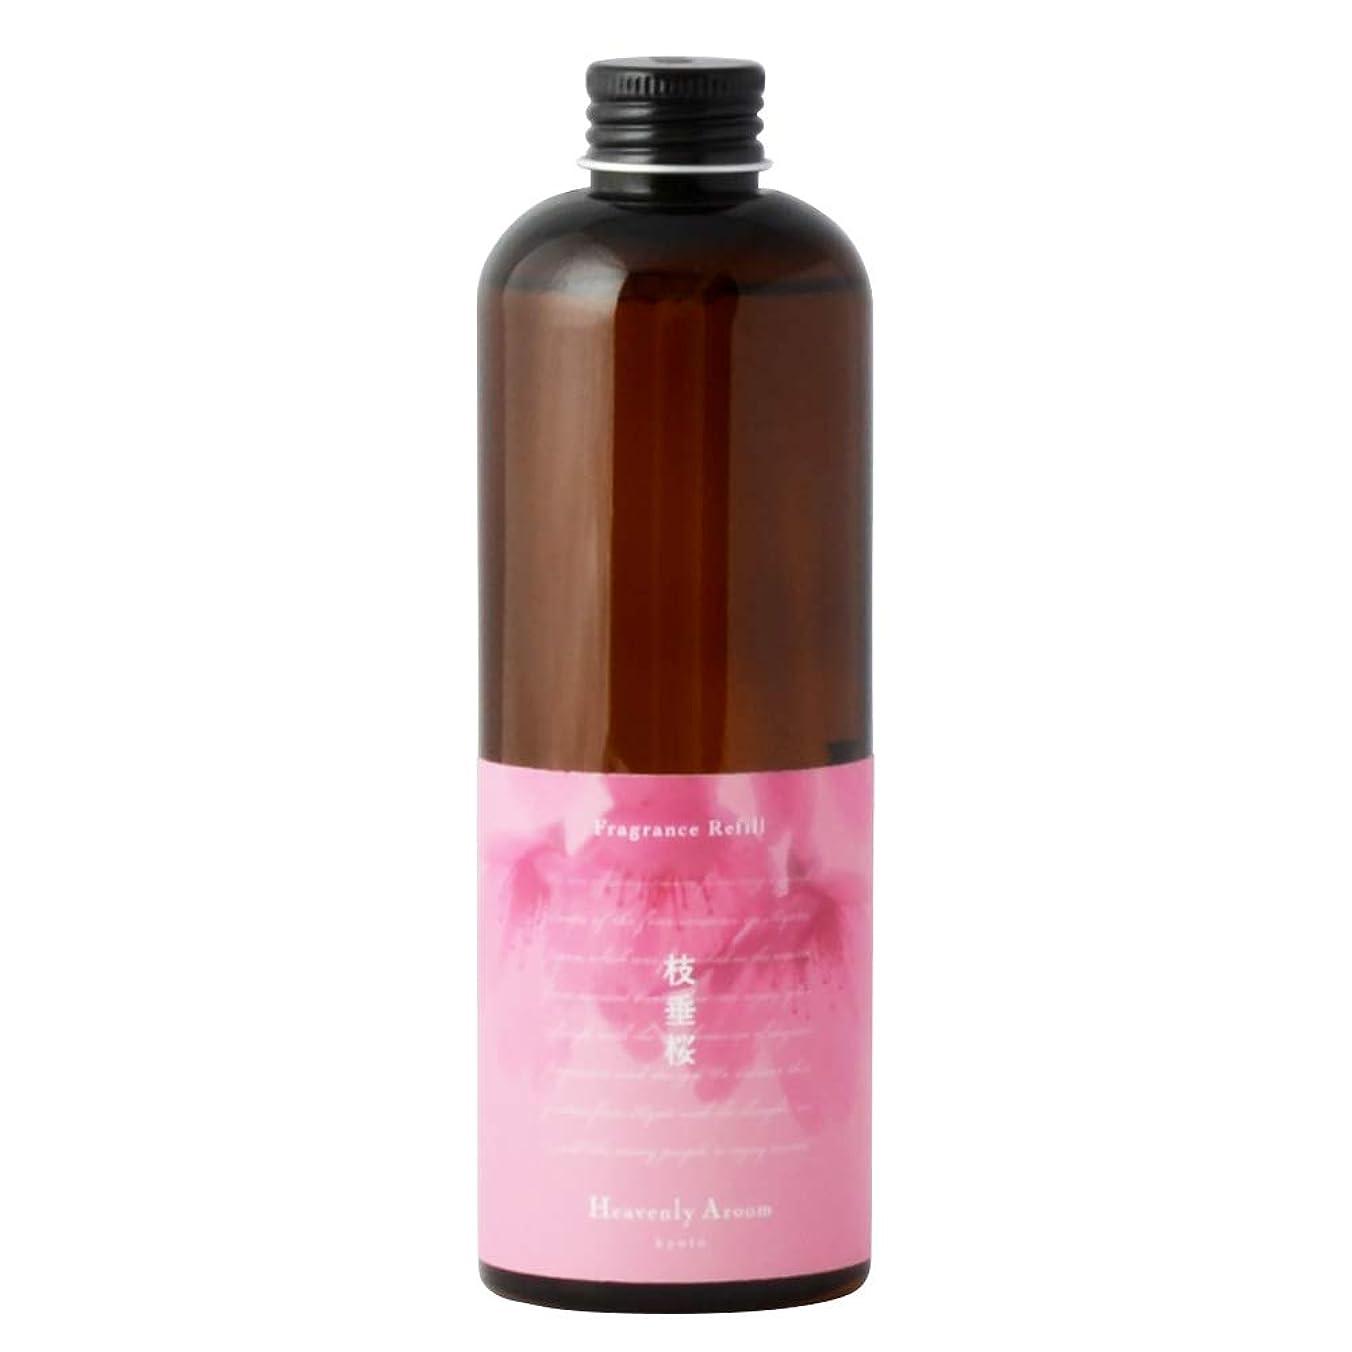 かどうか会議アルミニウムHeavenly Aroomフレグランスリフィル 枝垂桜 300ml